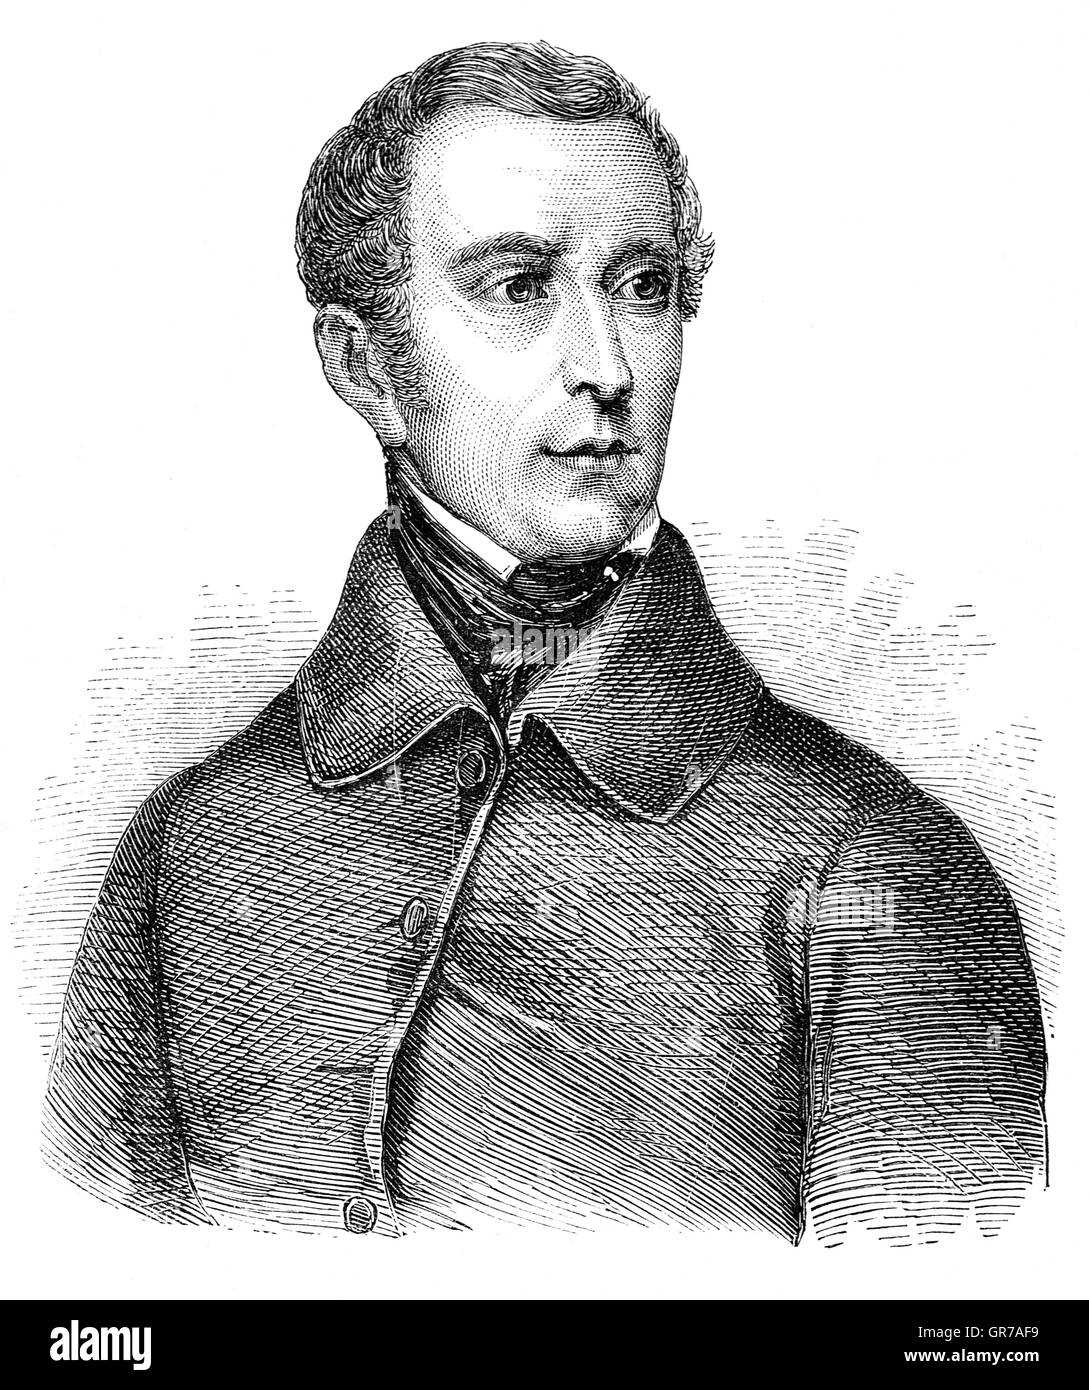 Alphonse Marie Louis de Prat de Lamartine, Chevalier de Pratz (1790 – 1869), was a French writer, poet and politician - Stock Image